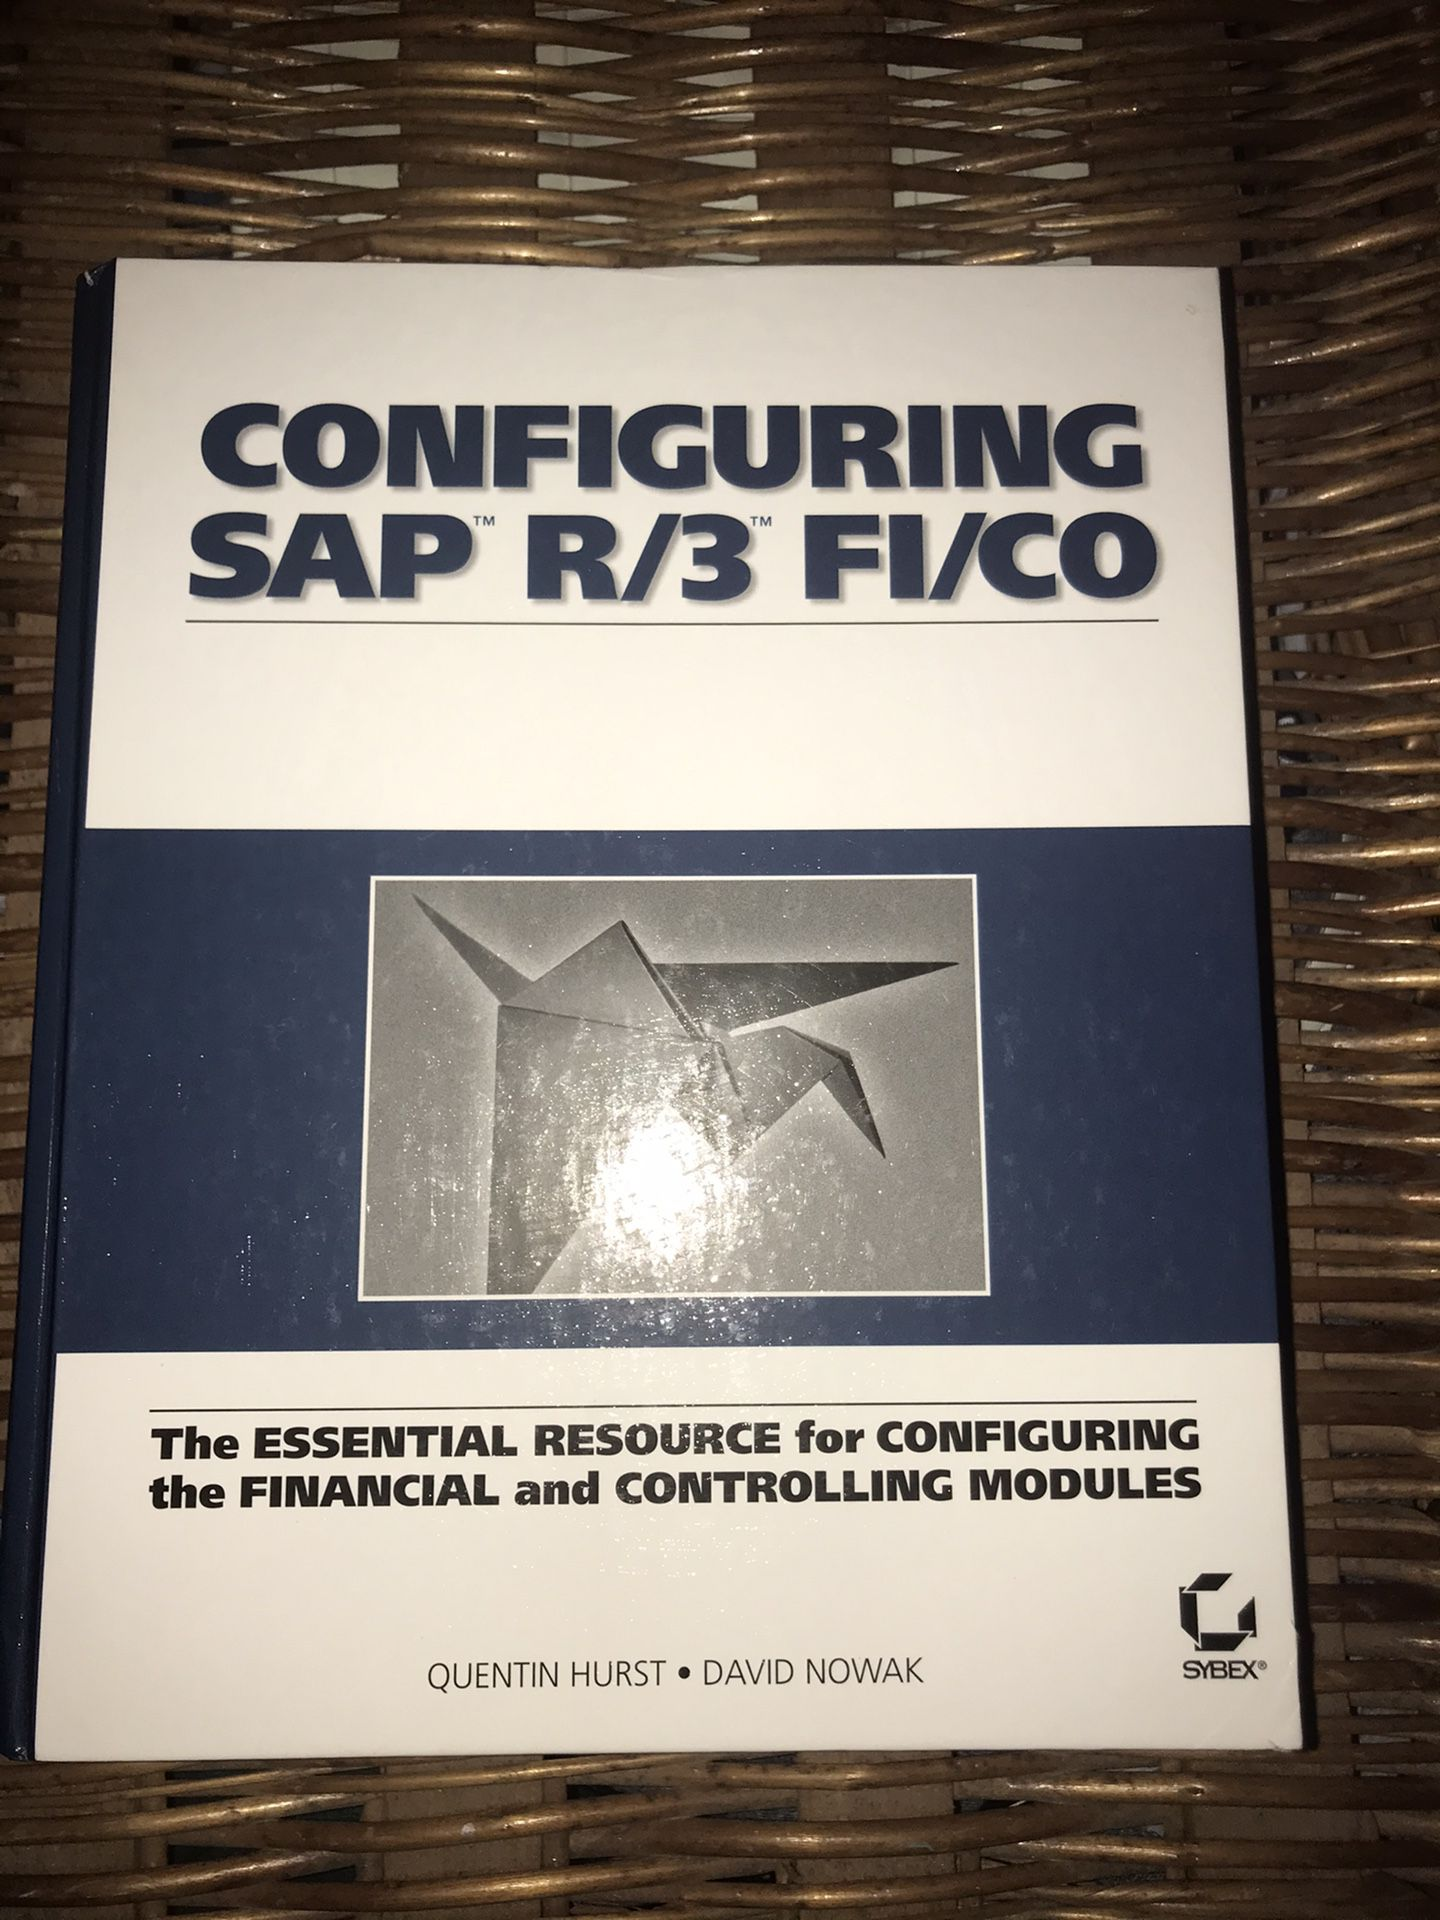 Configuring SAP R/3 FI/CO Hardcover Book